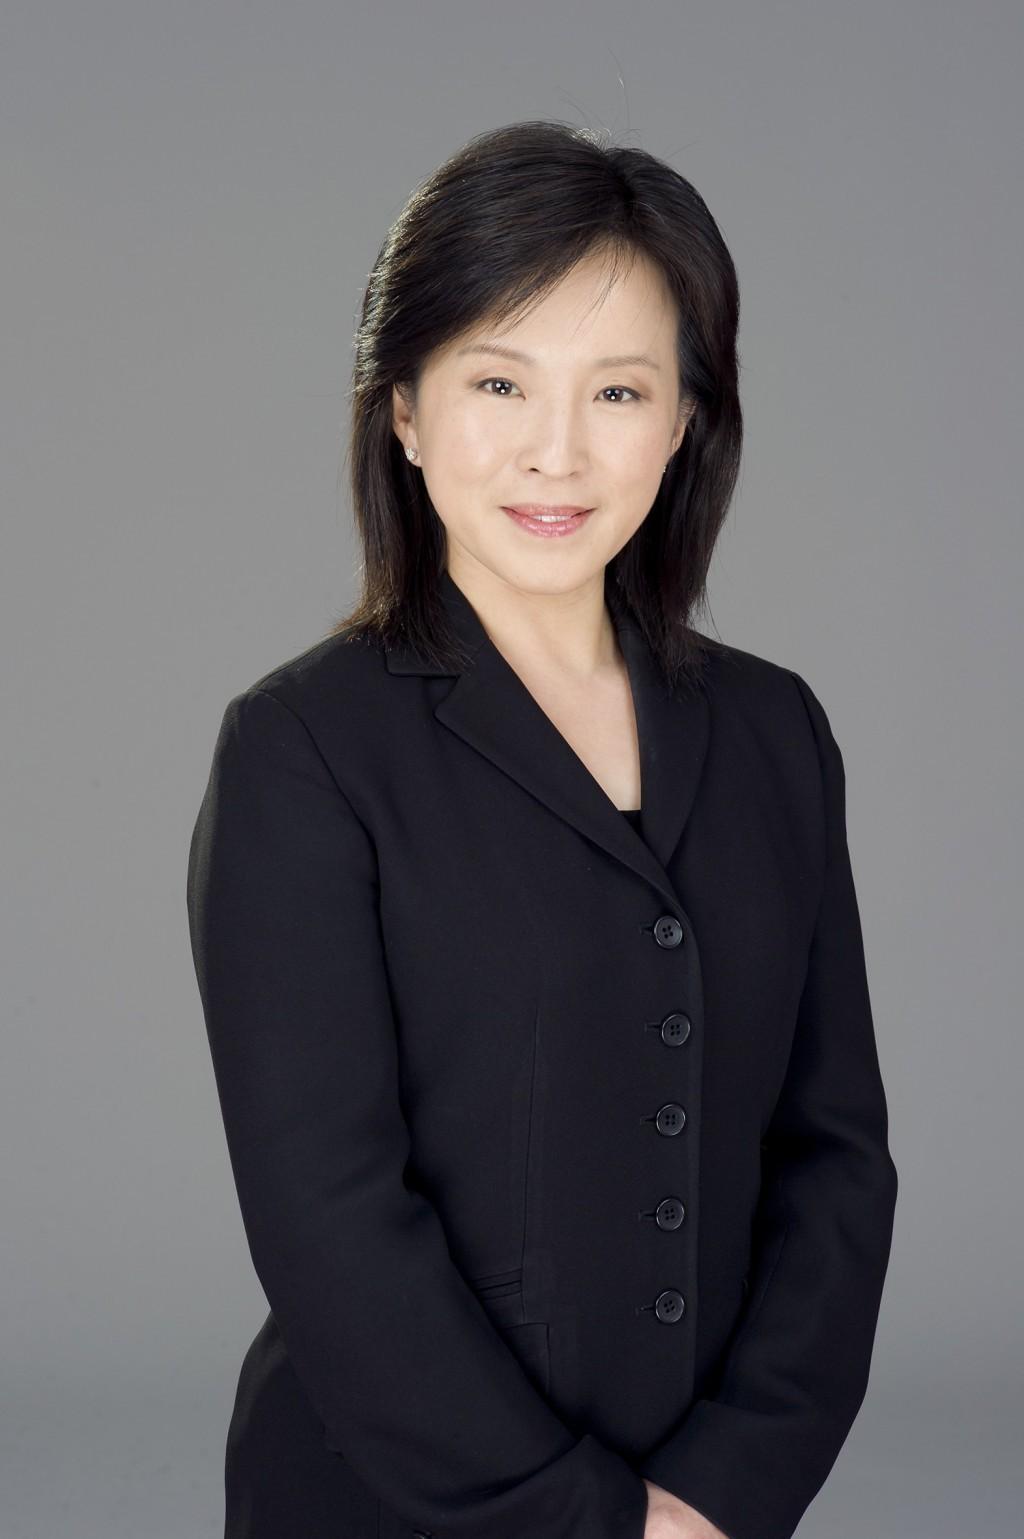 YingChen